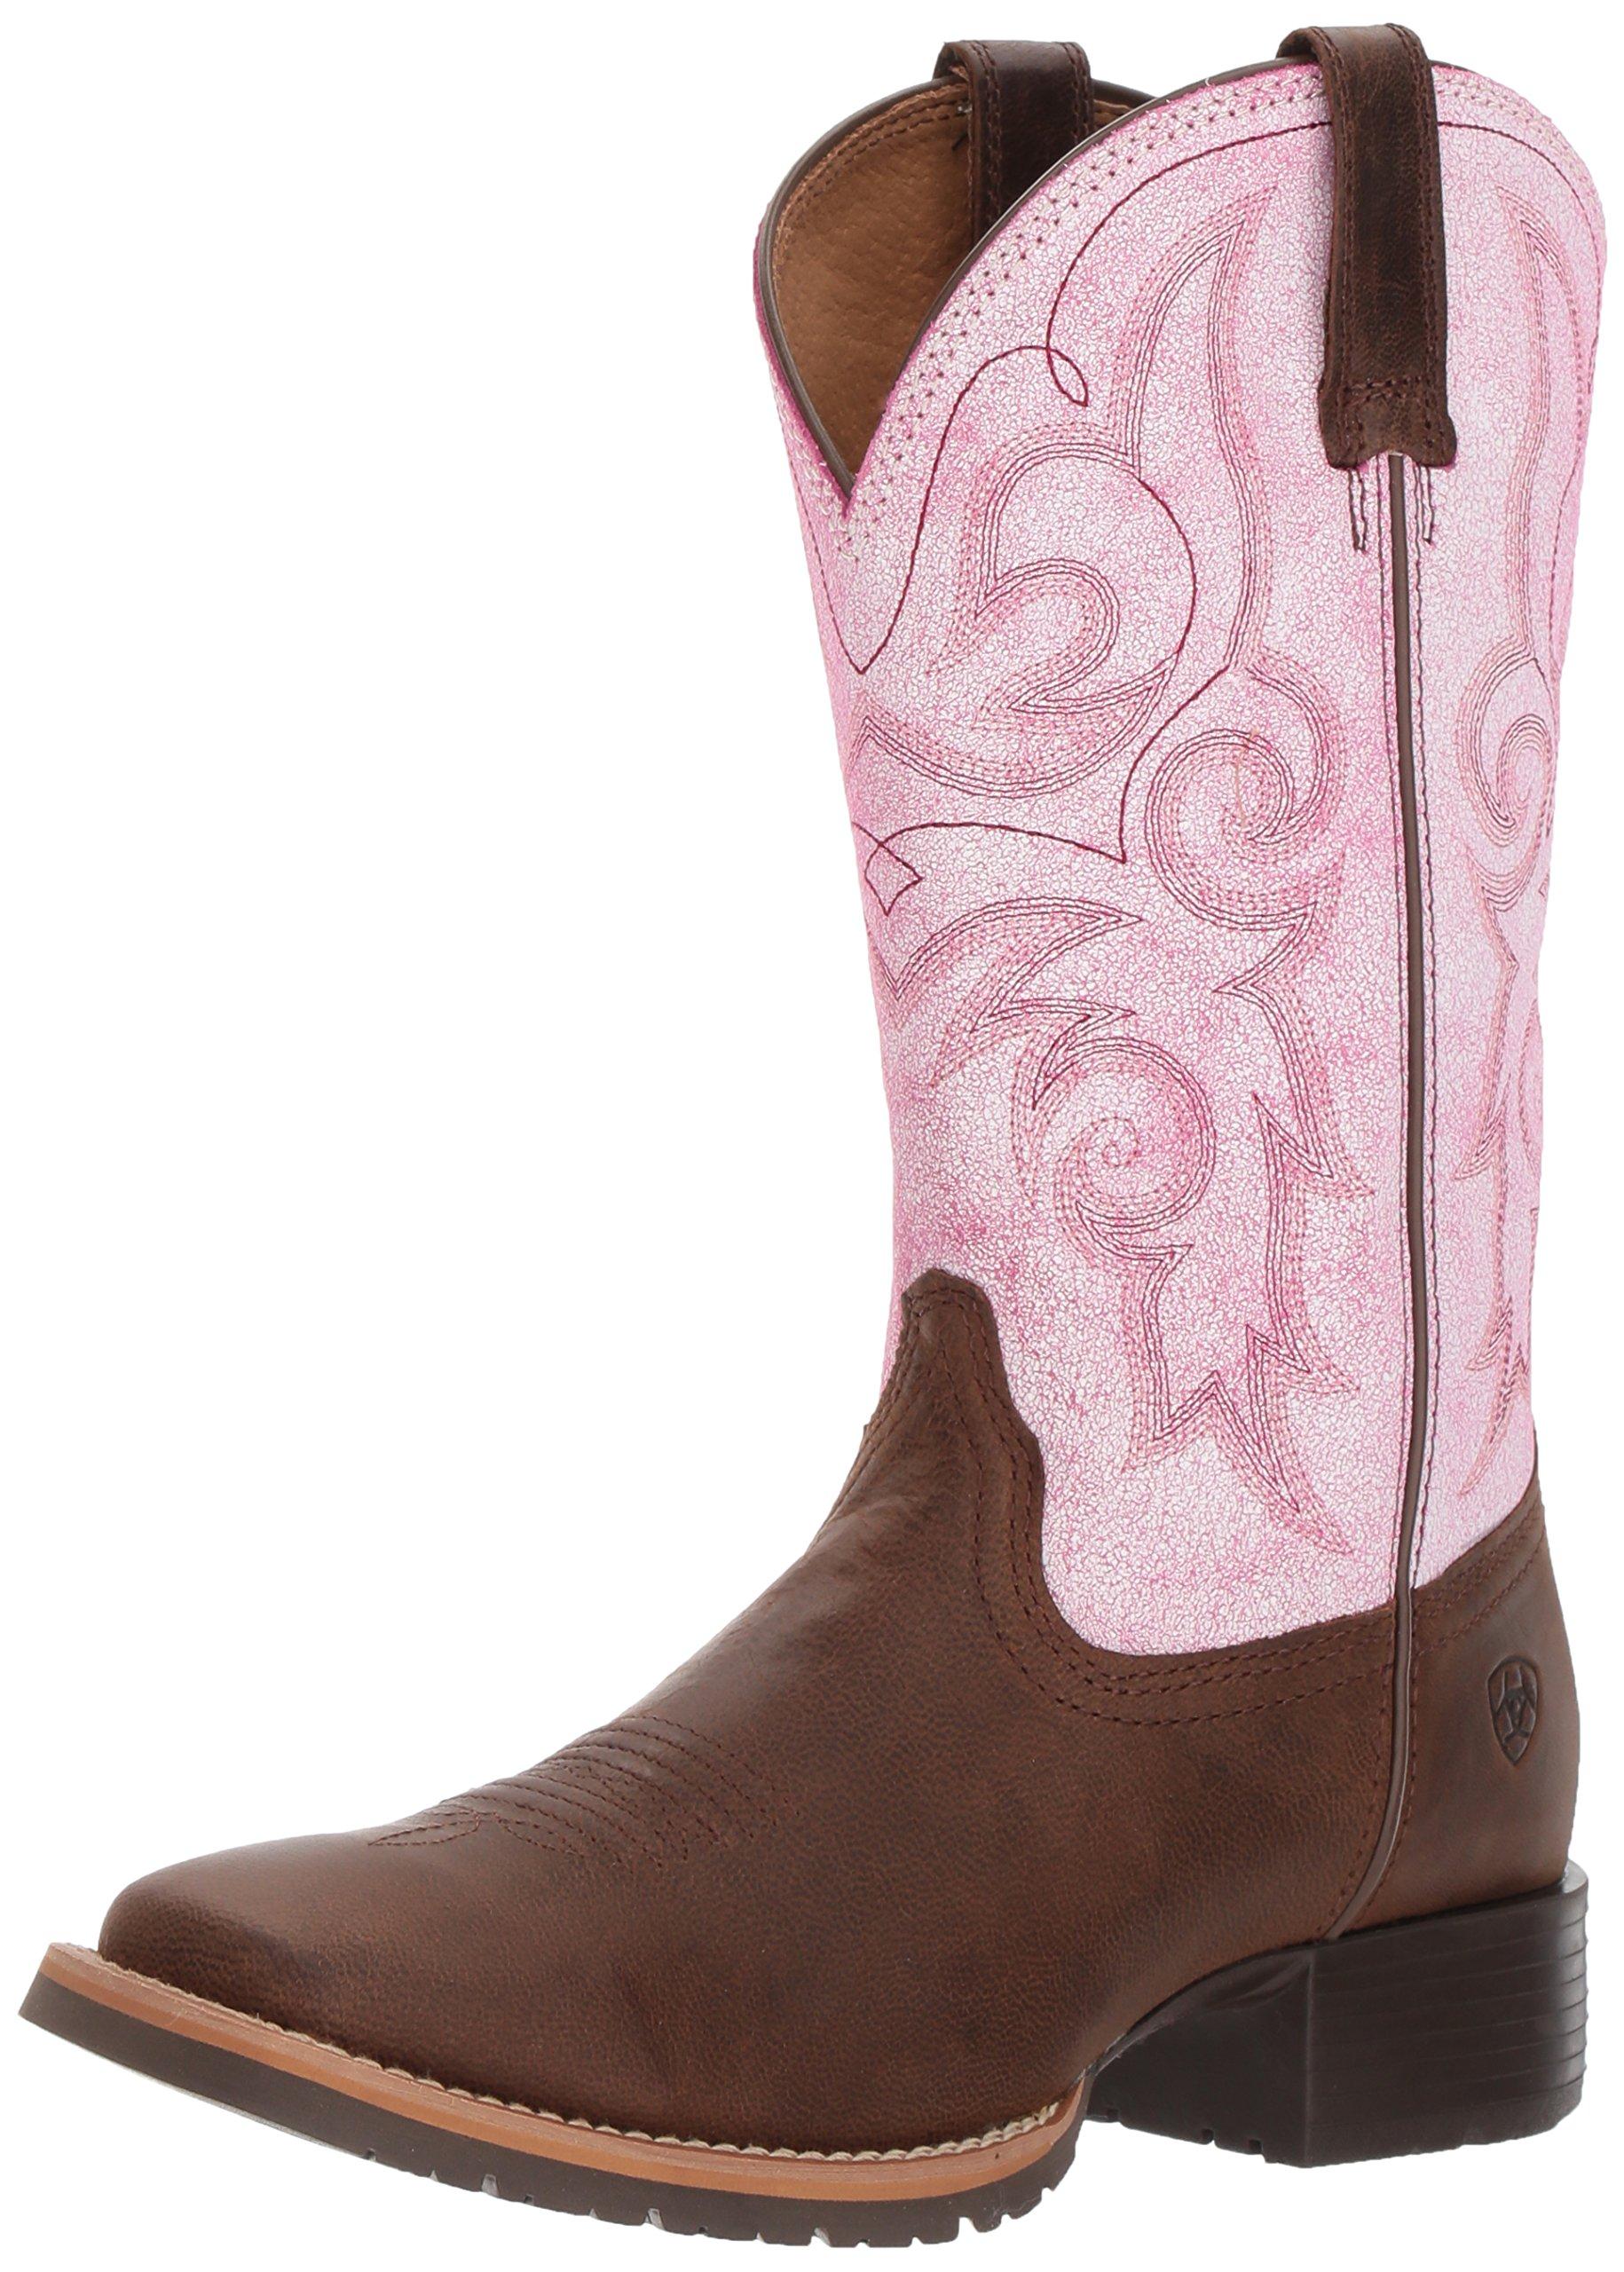 Ariat Women's Hybrid Rancher Work Boot, Barnwood, 9 B US